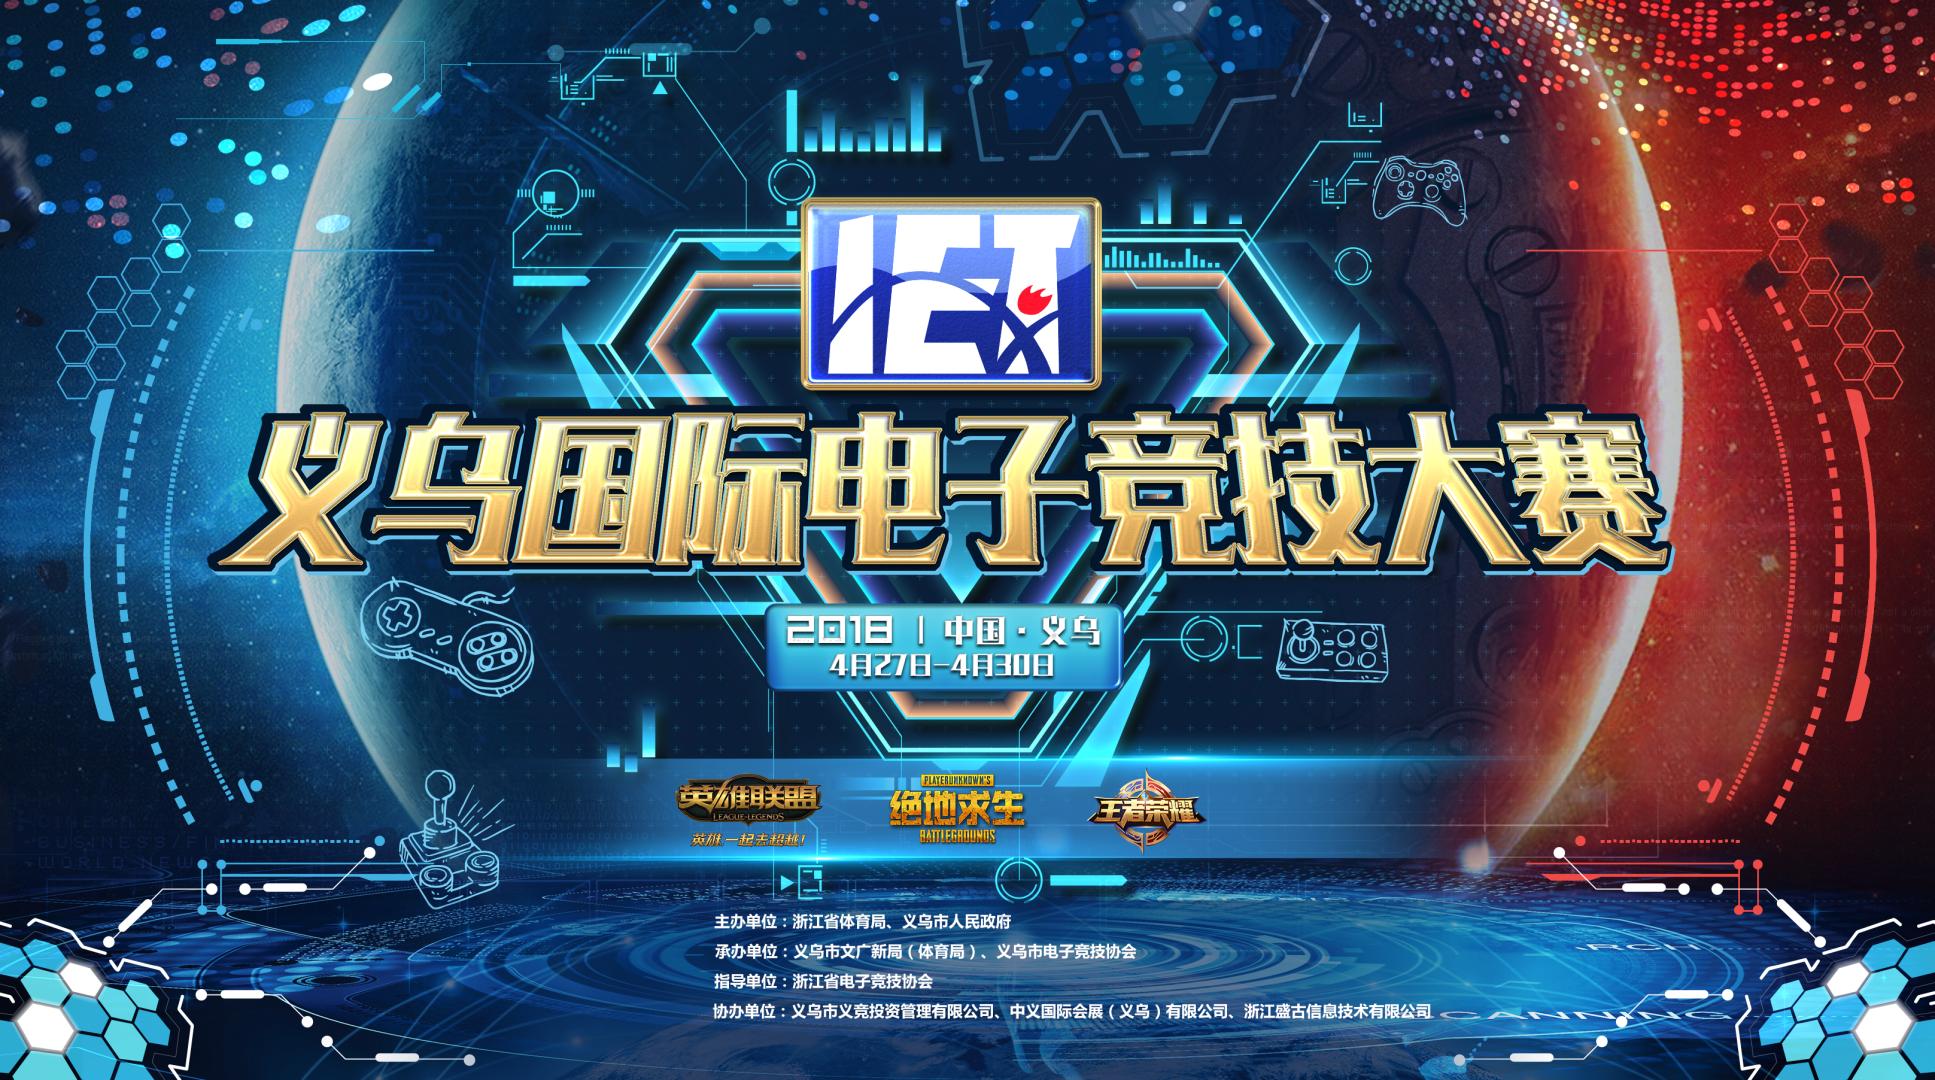 4月27日电竞大咖线下开战 齐聚义乌共享国际电子竞技大赛